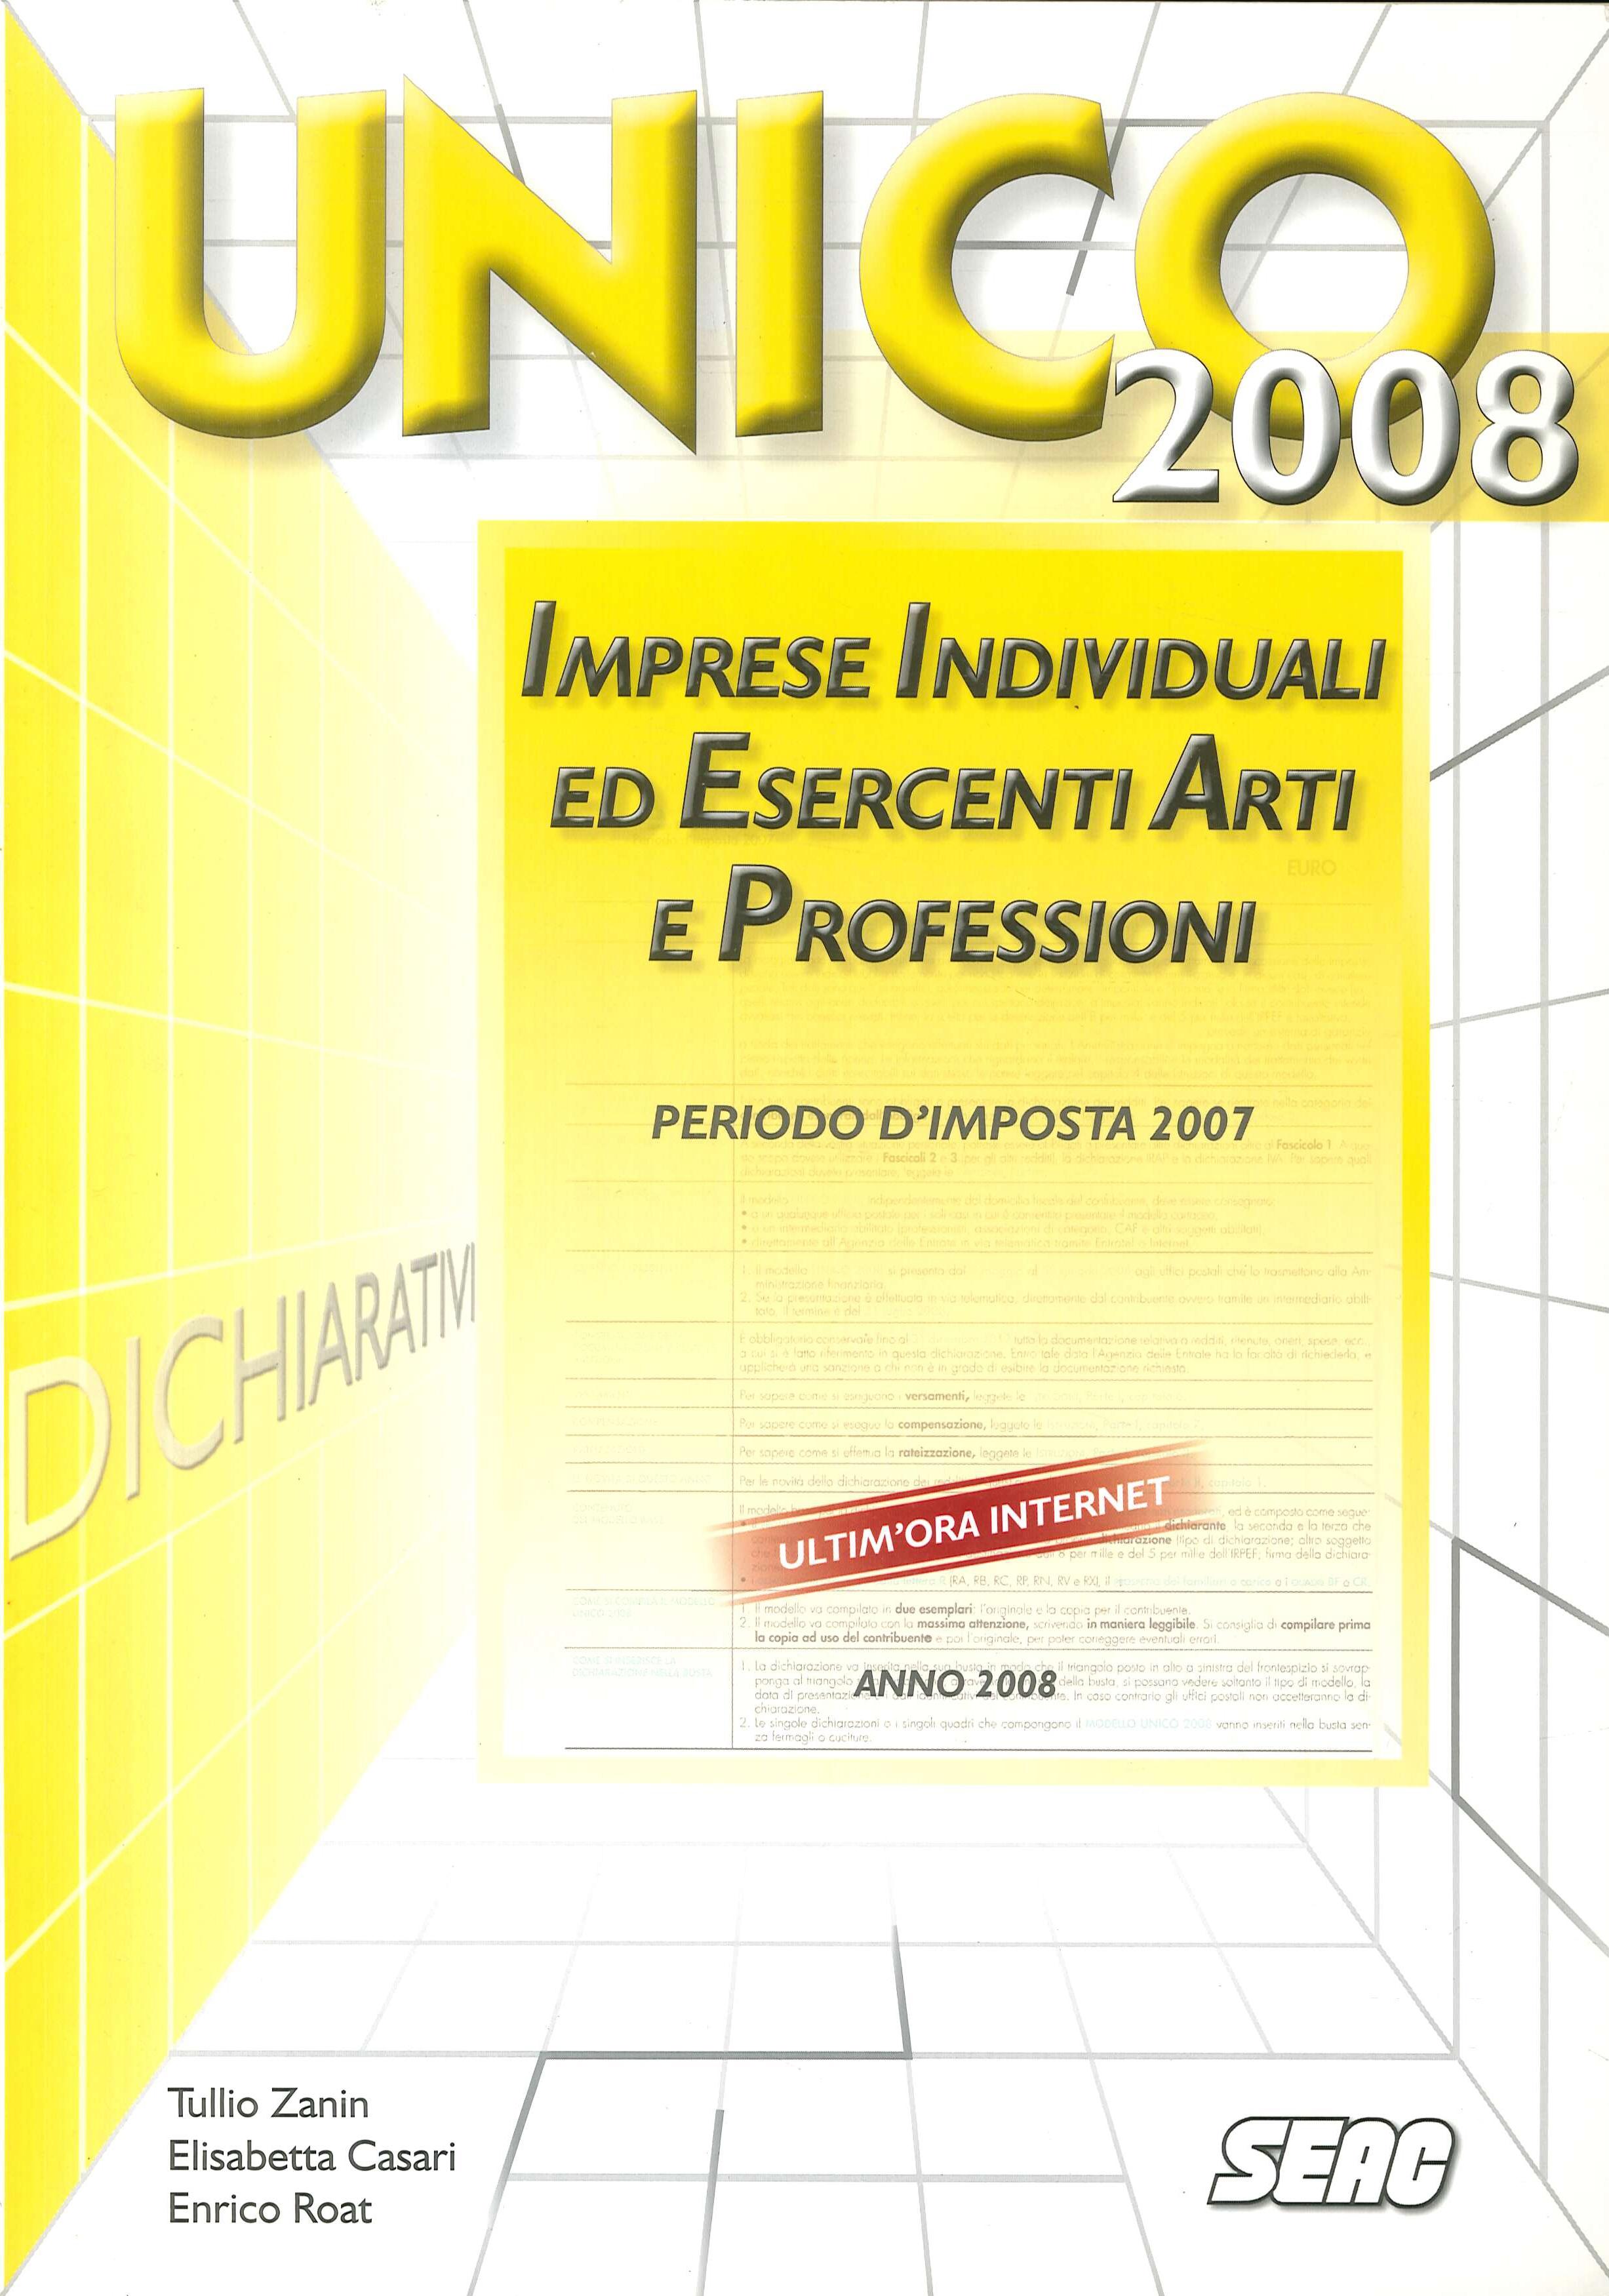 Unico 2008. Imprese individuali ed esercenti arti e professioni